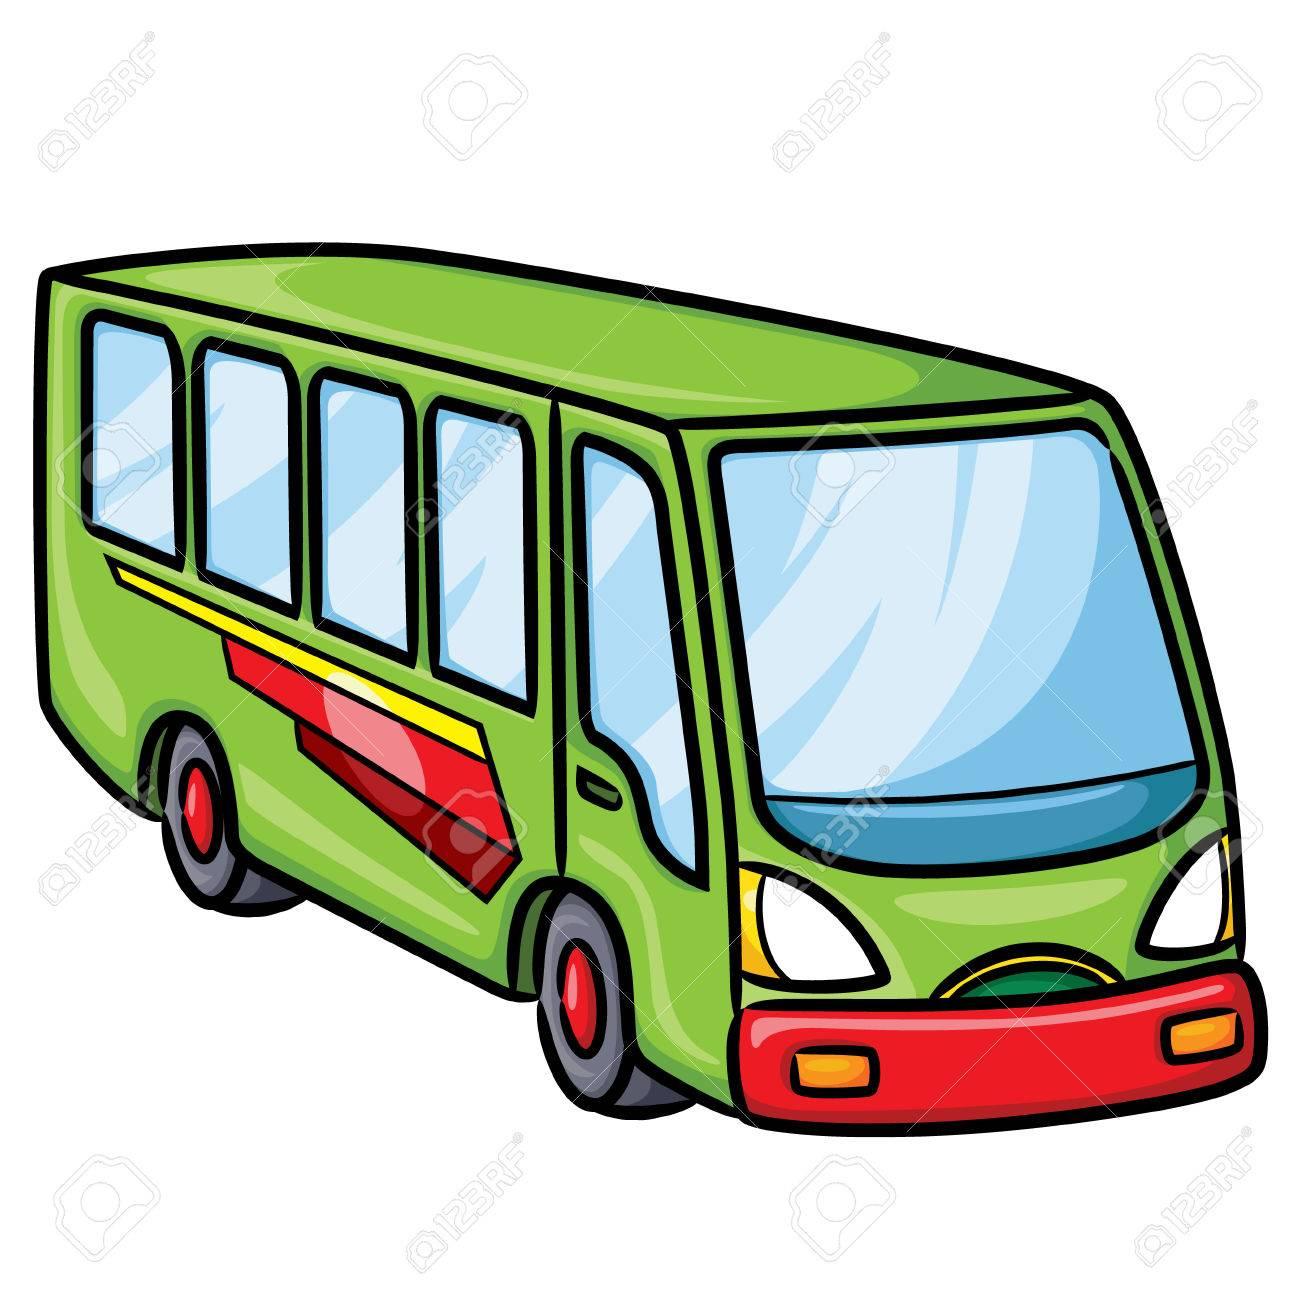 かわいい漫画のバスのイラスト。ベクトルの図。 ロイヤリティフリー